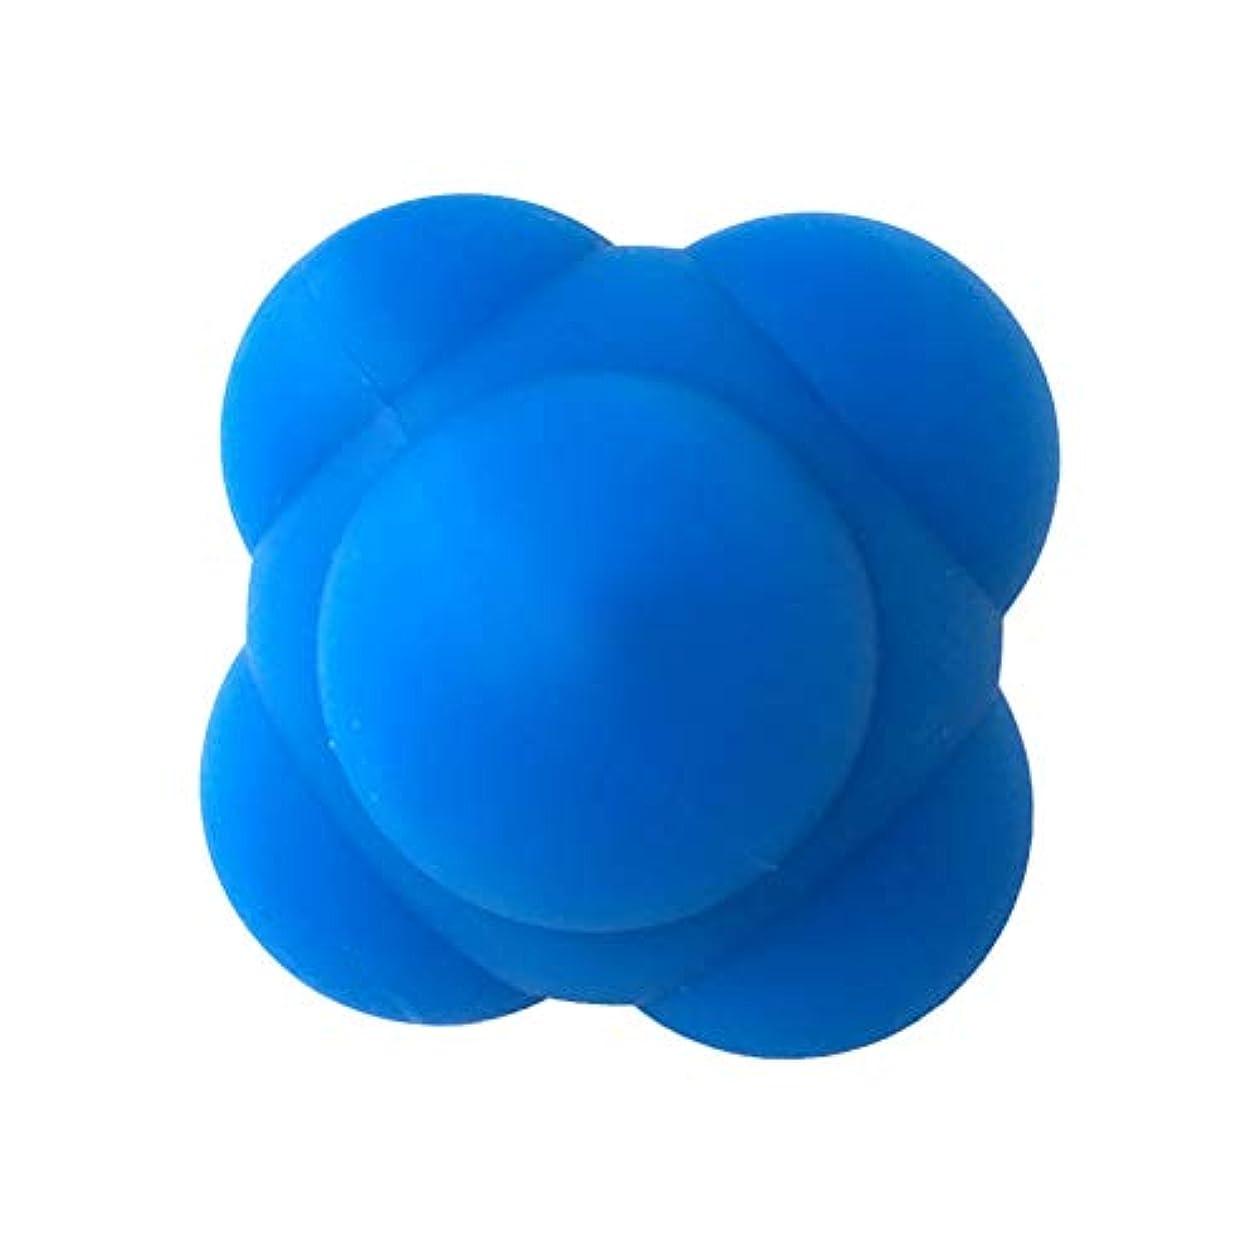 あさり困ったポーターHealifty 敏捷性とスピードのためのリアクションボールハンドアイコーディネーションブルー